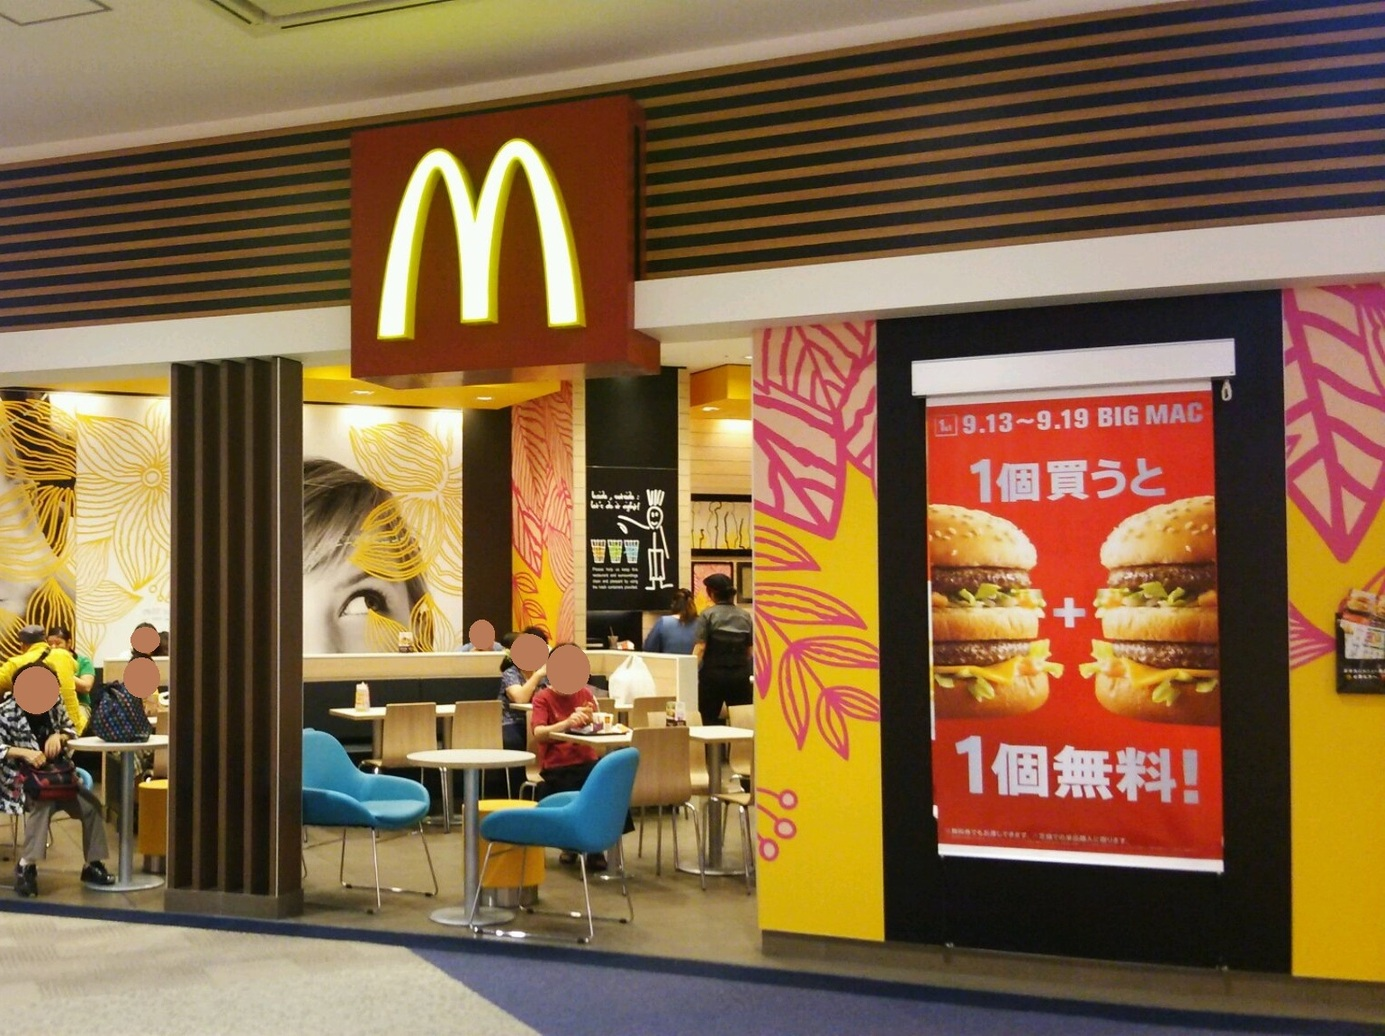 マクドナルド イオンモール大阪ドームシティ店